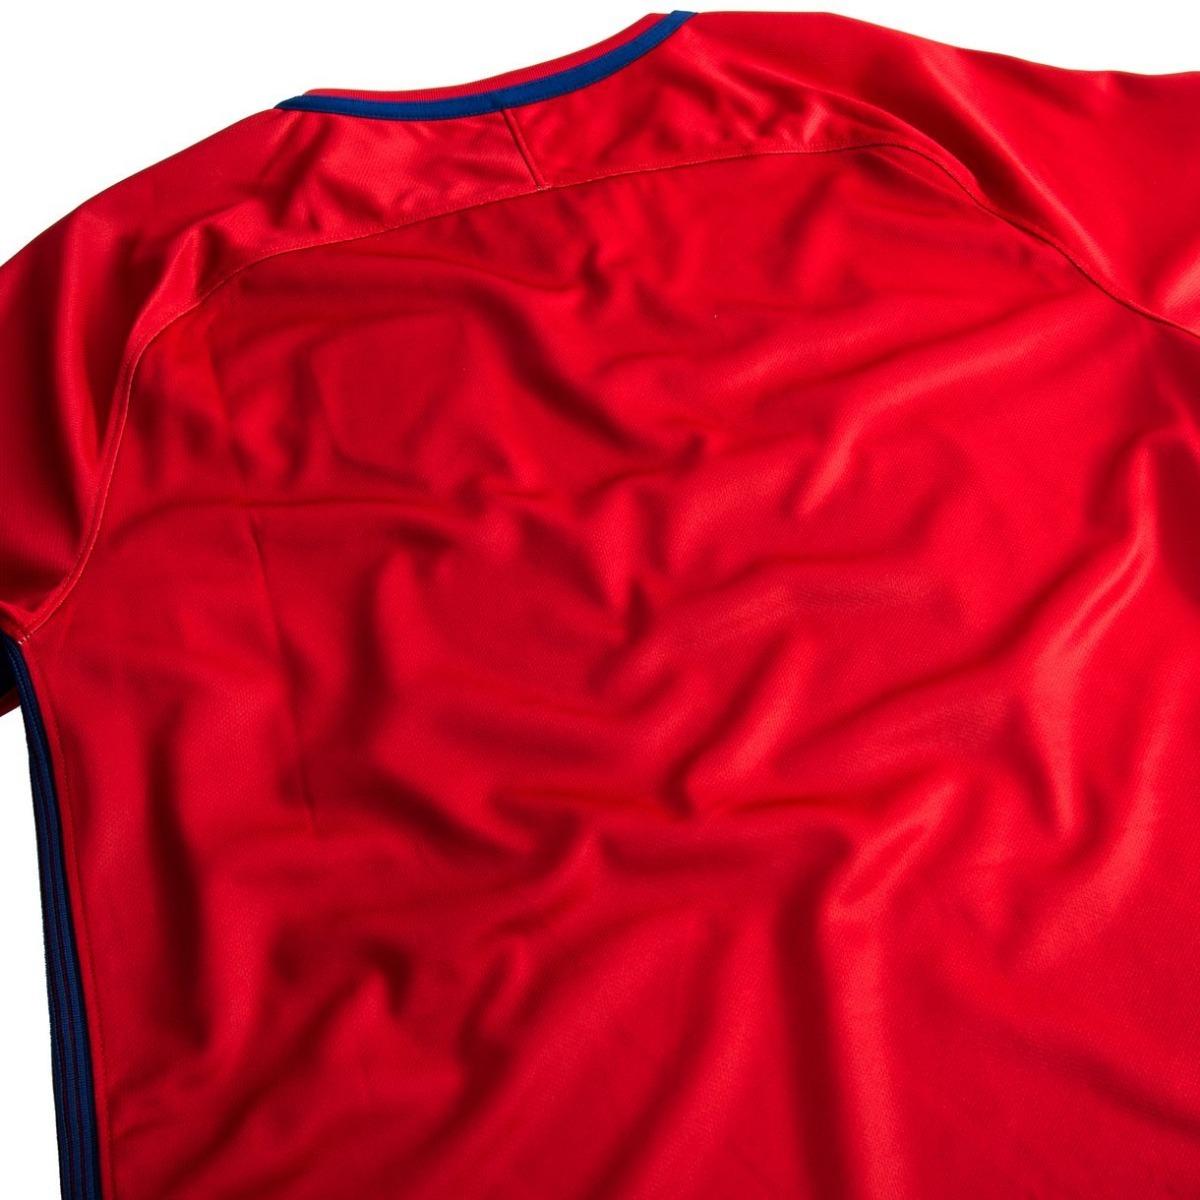 Camisa Oficial Atlético De Madrid Nike 2018 - Frete Grátis - R  179 ... 8740d11e33669